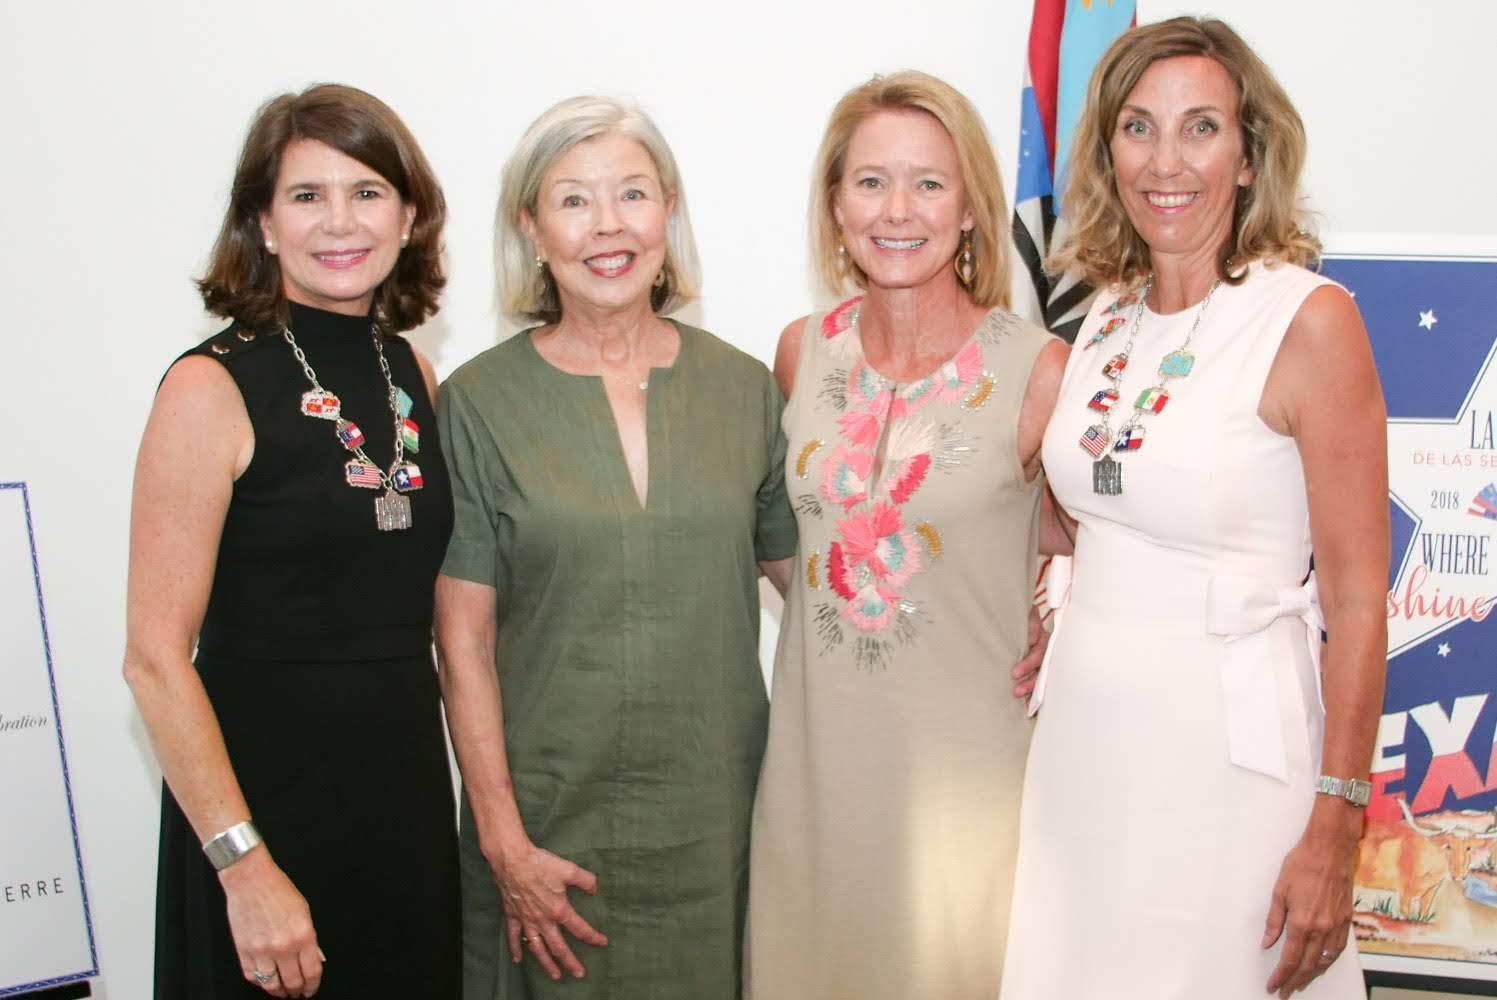 La Fiesta de las Seis Banderas Awards 2019